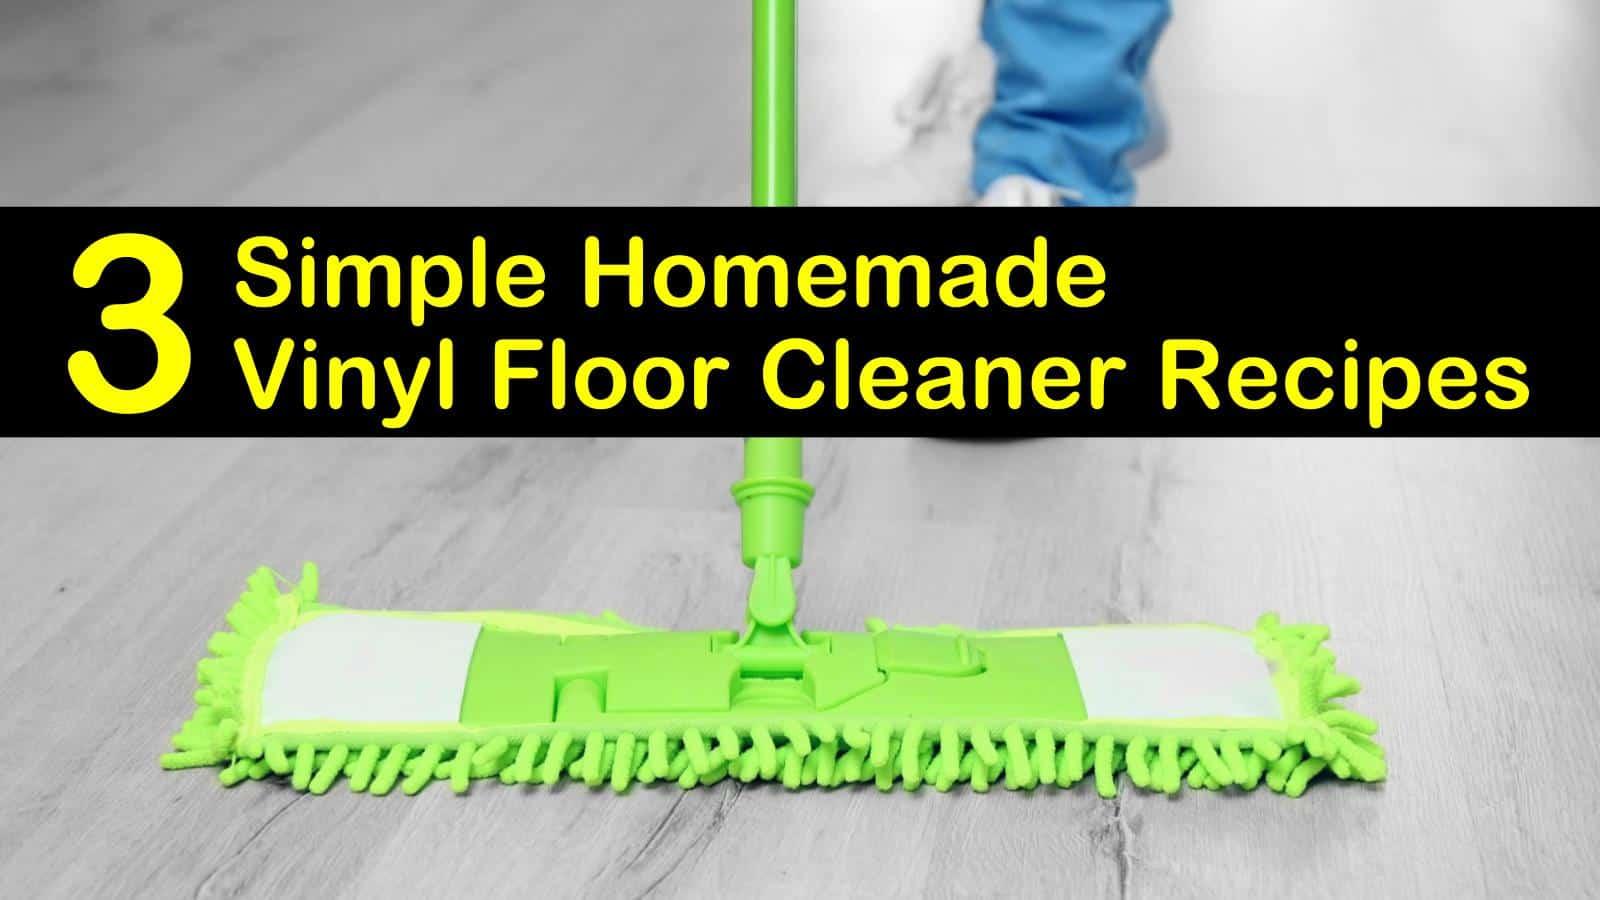 homemade vinyl floor cleaner titleimg1